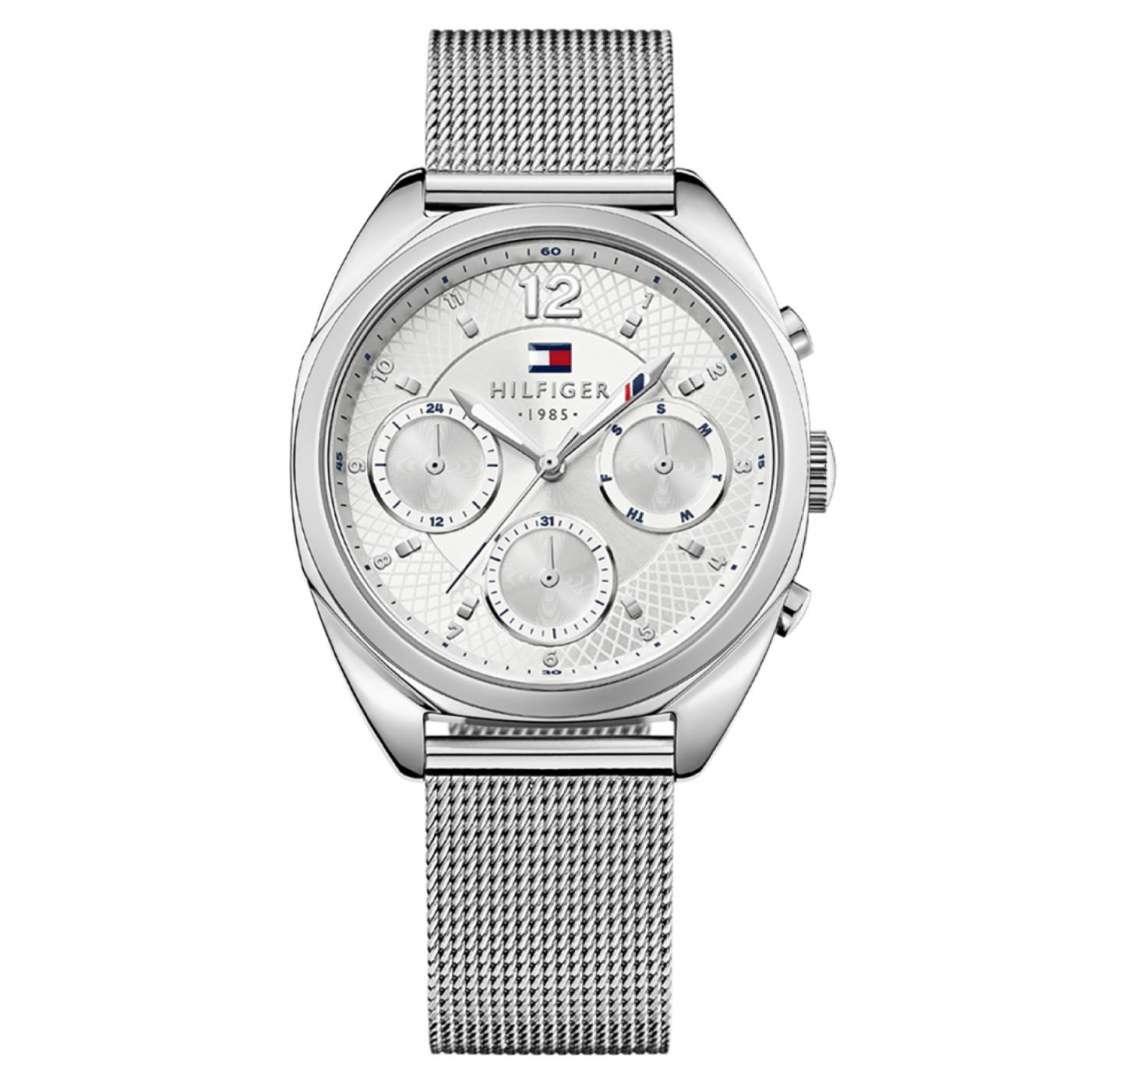 שעון יד אנלוגי Tommy Hilfiger 1781628 טומי הילפיגר